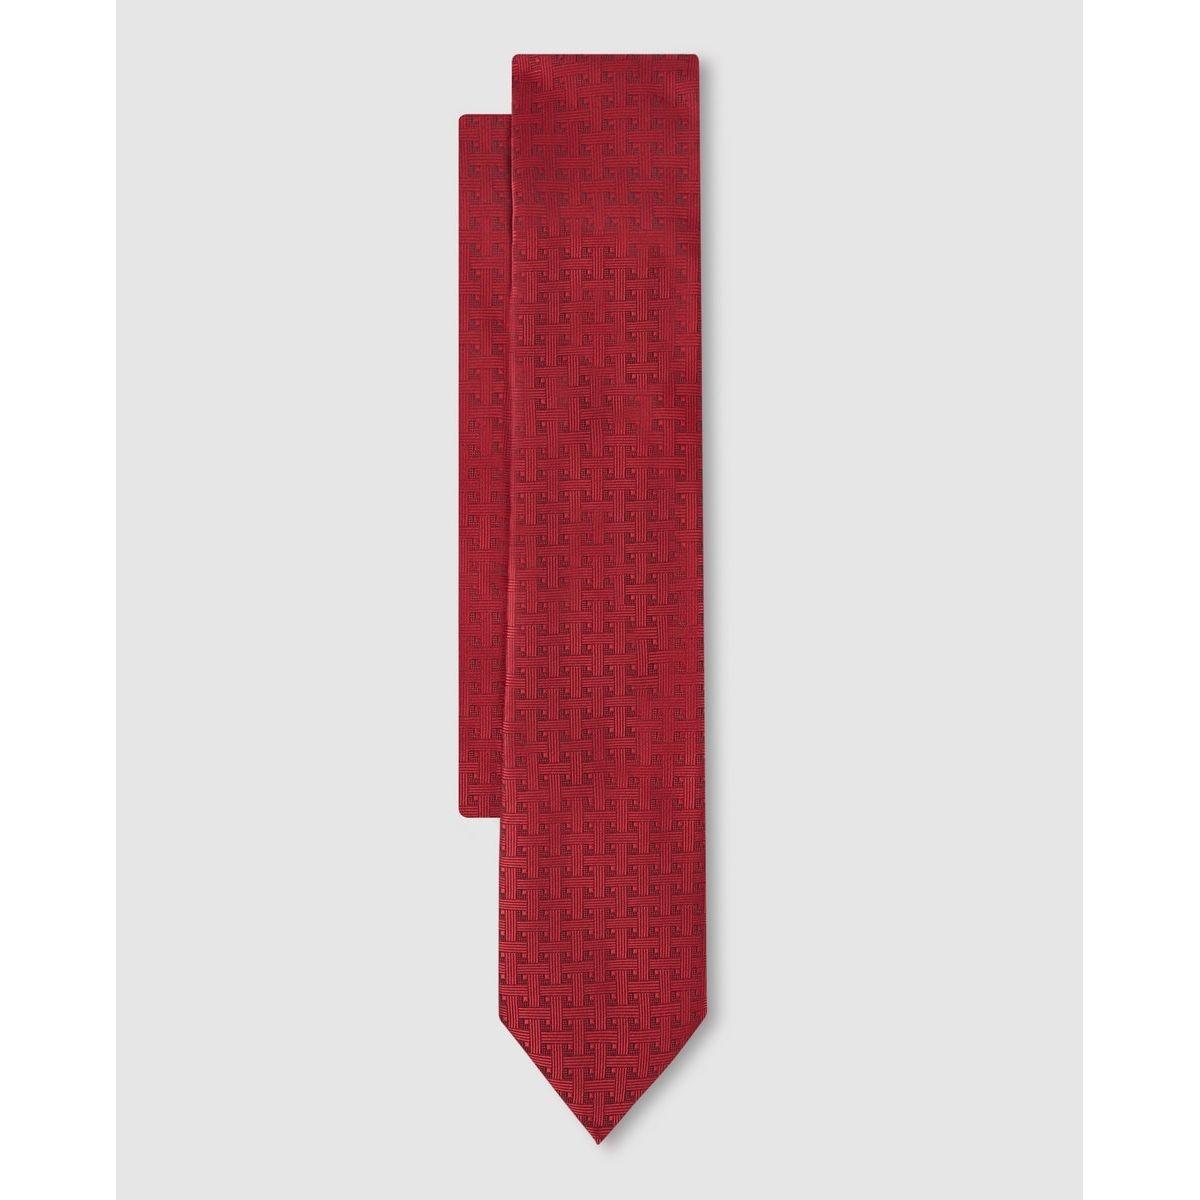 Cravate en polyester imprimé géométrique